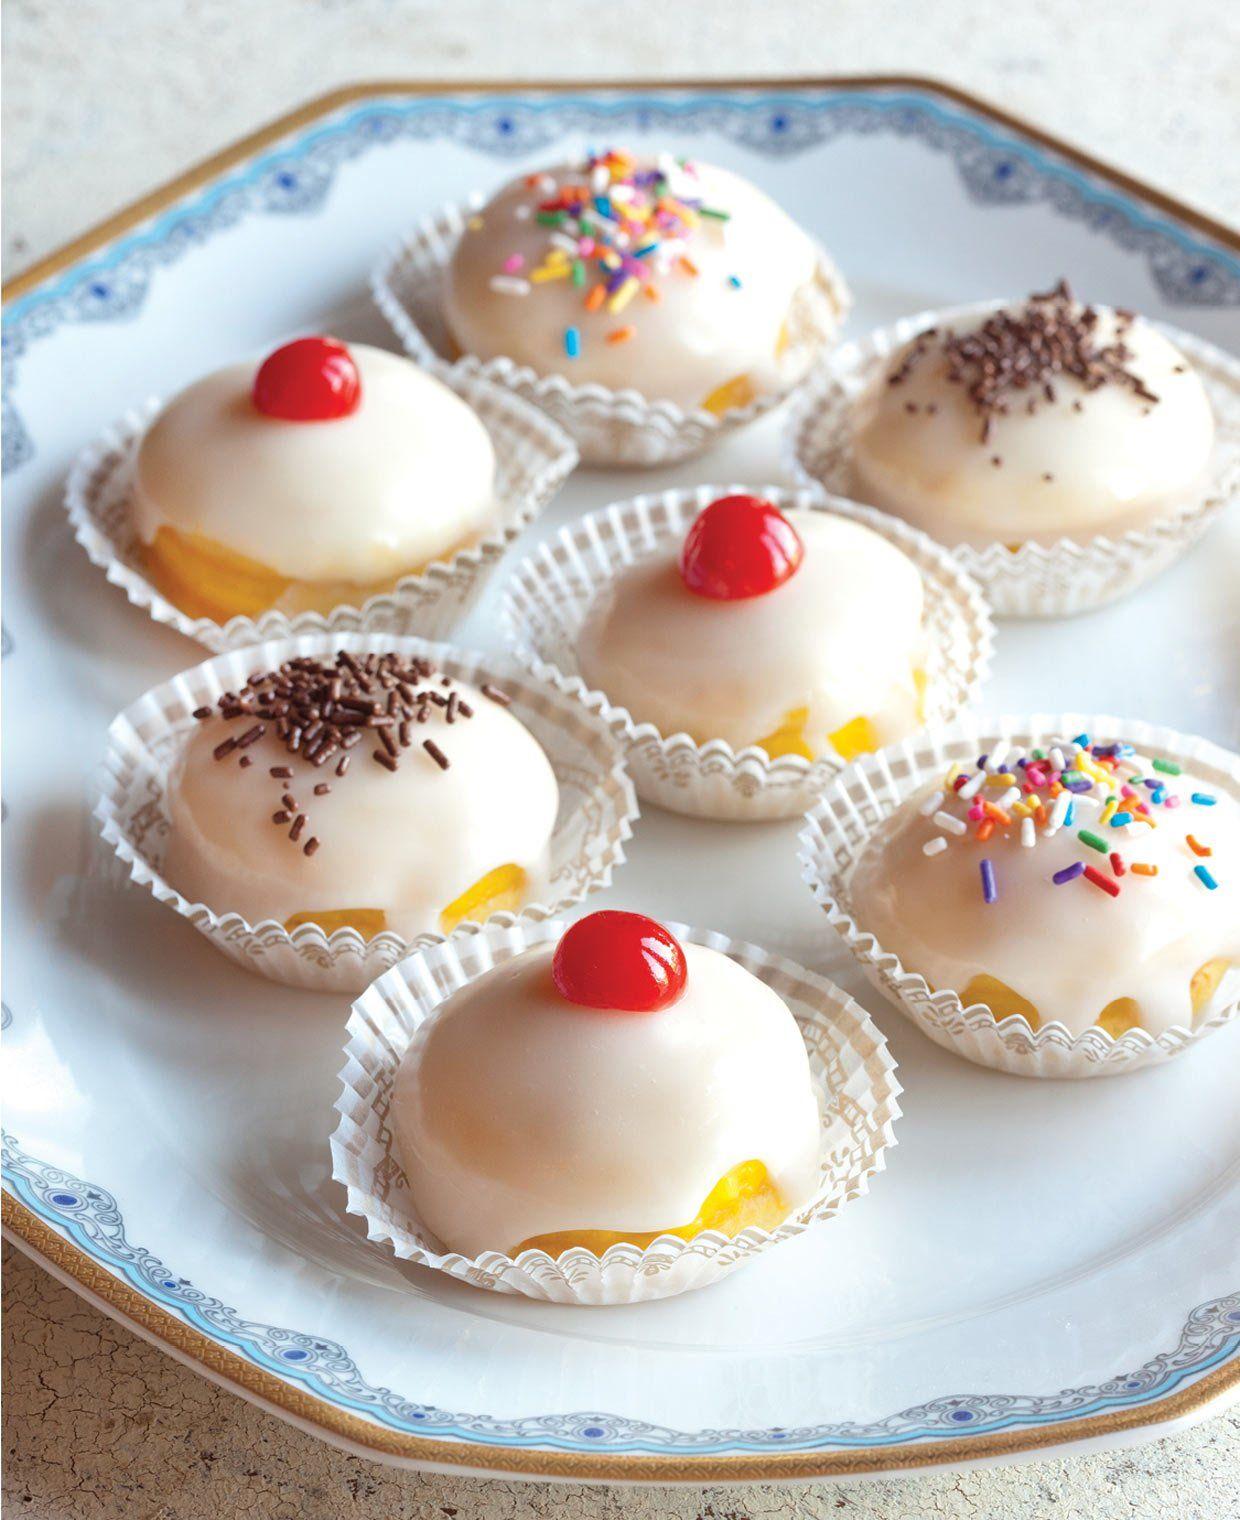 Sospiri: Tiny Italian Pastries to Celebrate Columbus Day